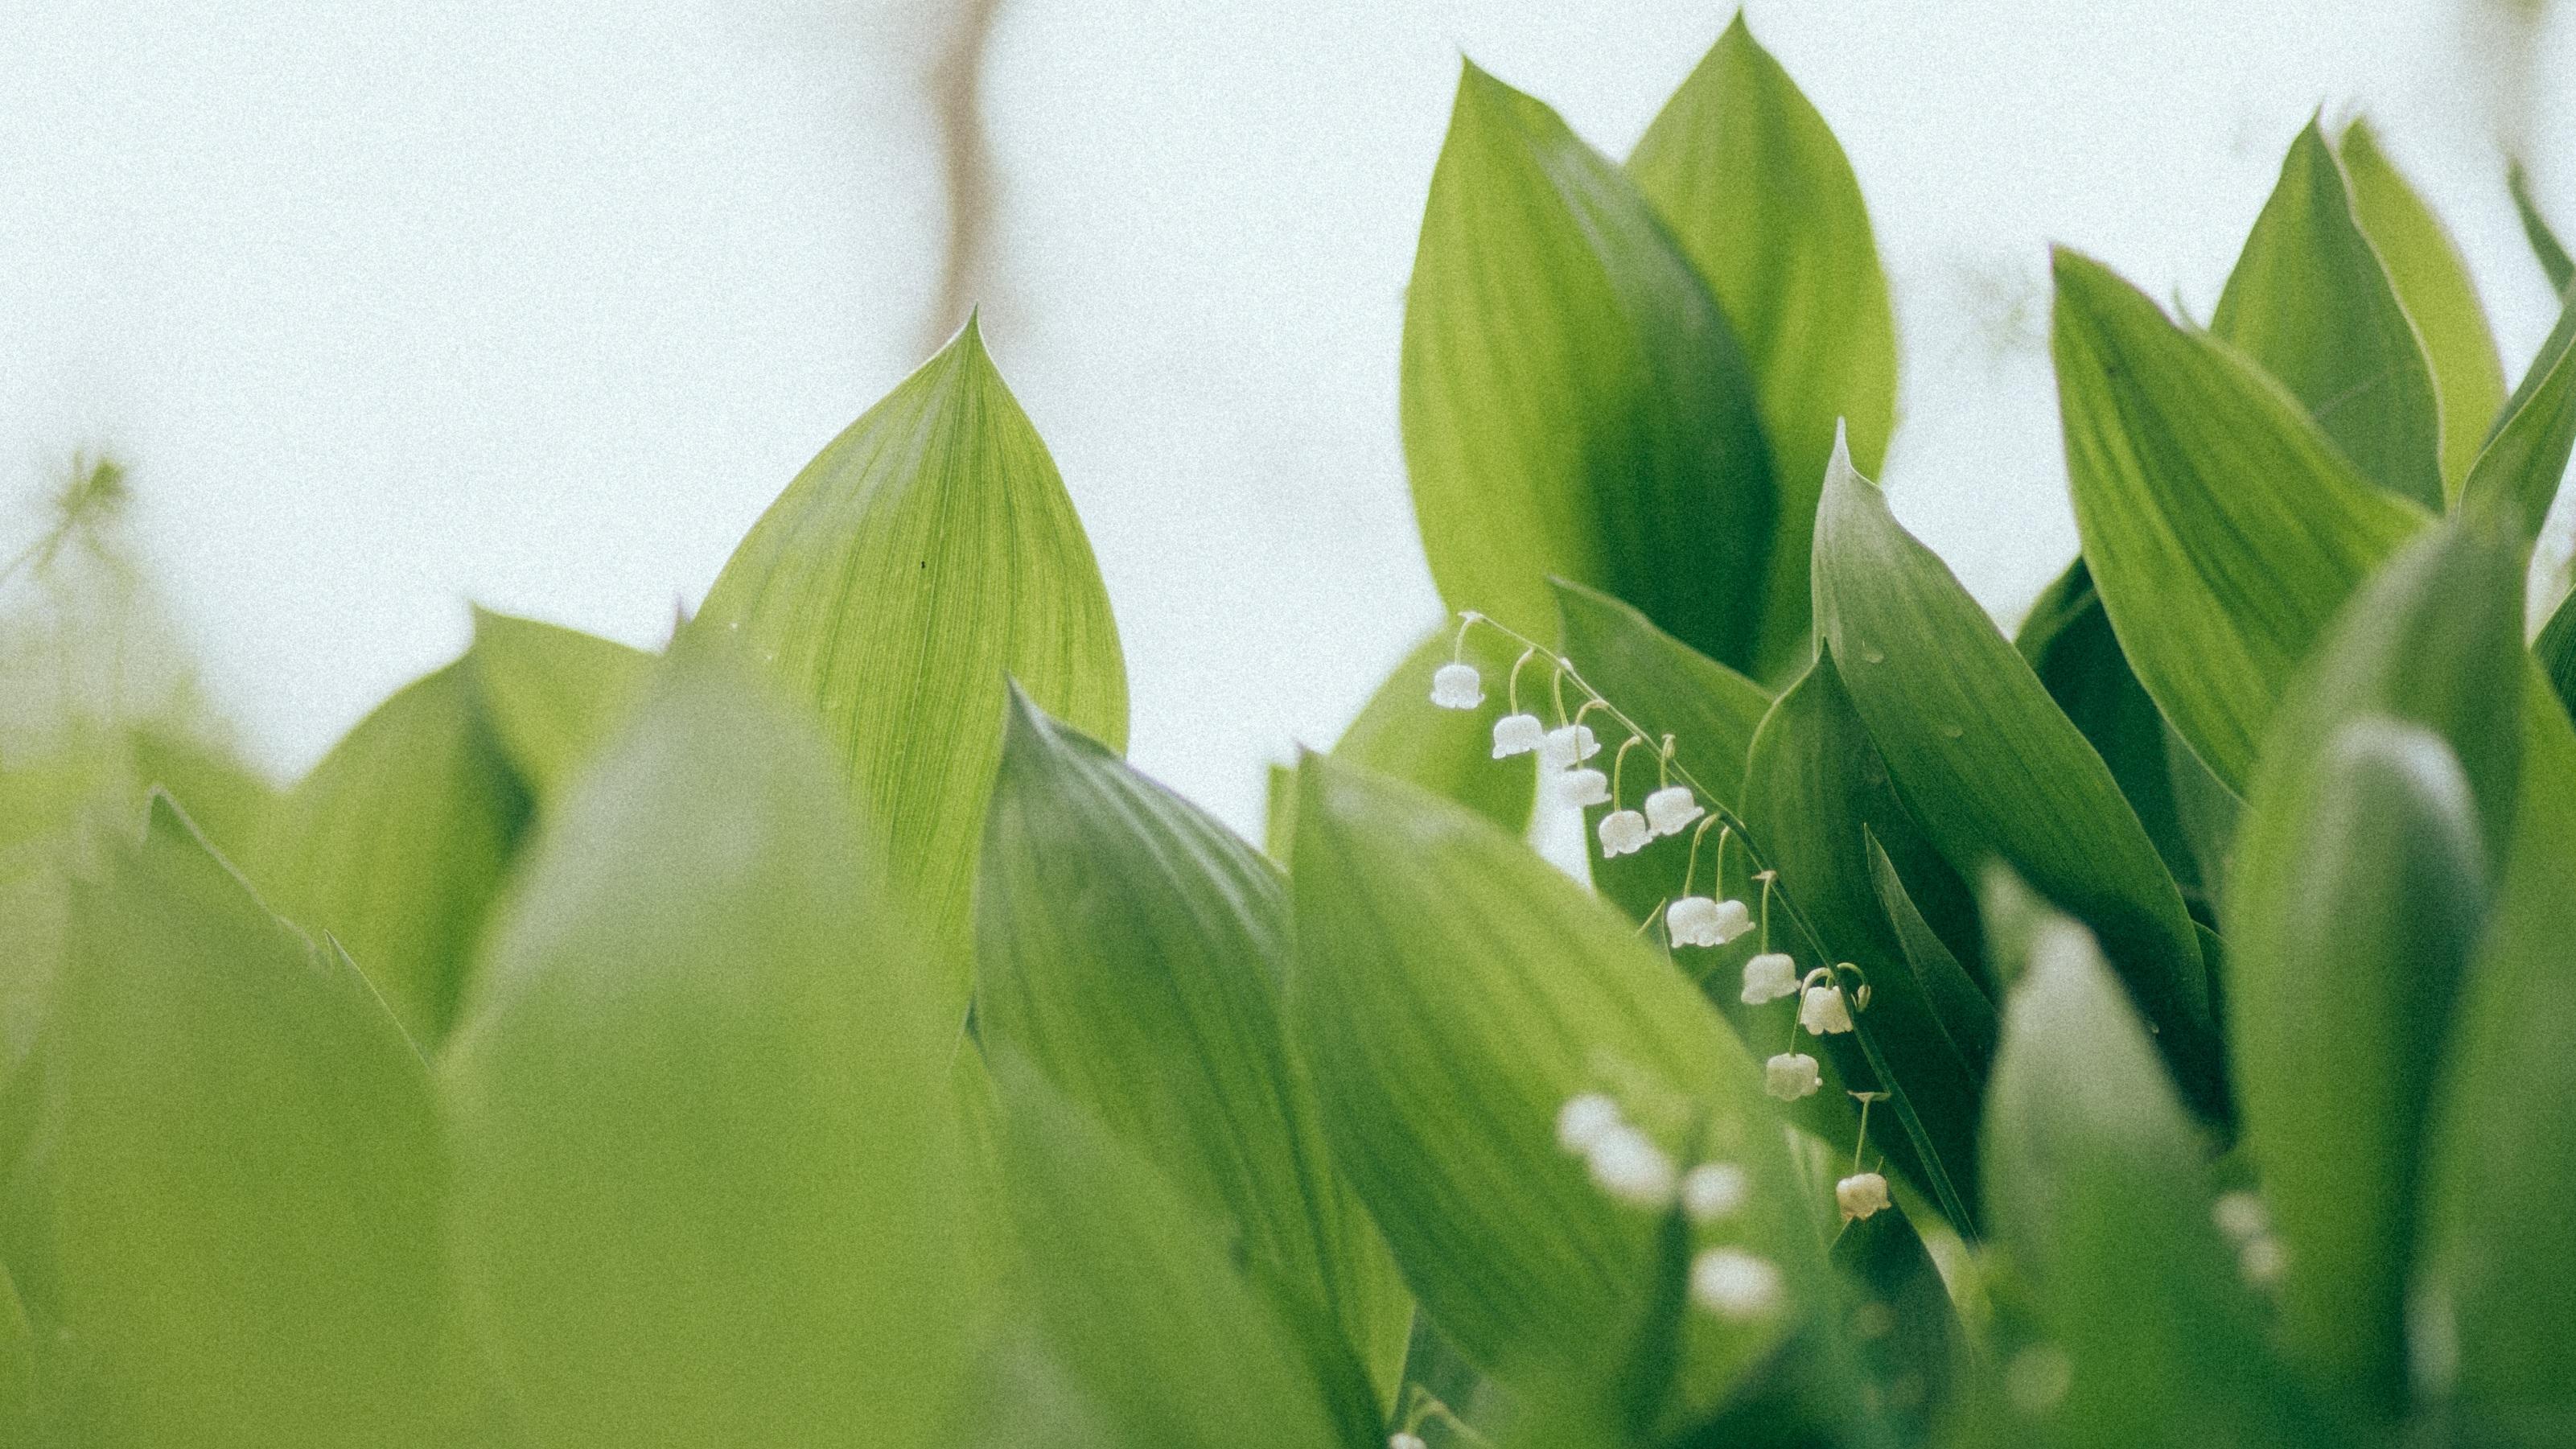 133947 Hintergrundbild herunterladen Blumen, Blätter, Maiglöckchen - Bildschirmschoner und Bilder kostenlos